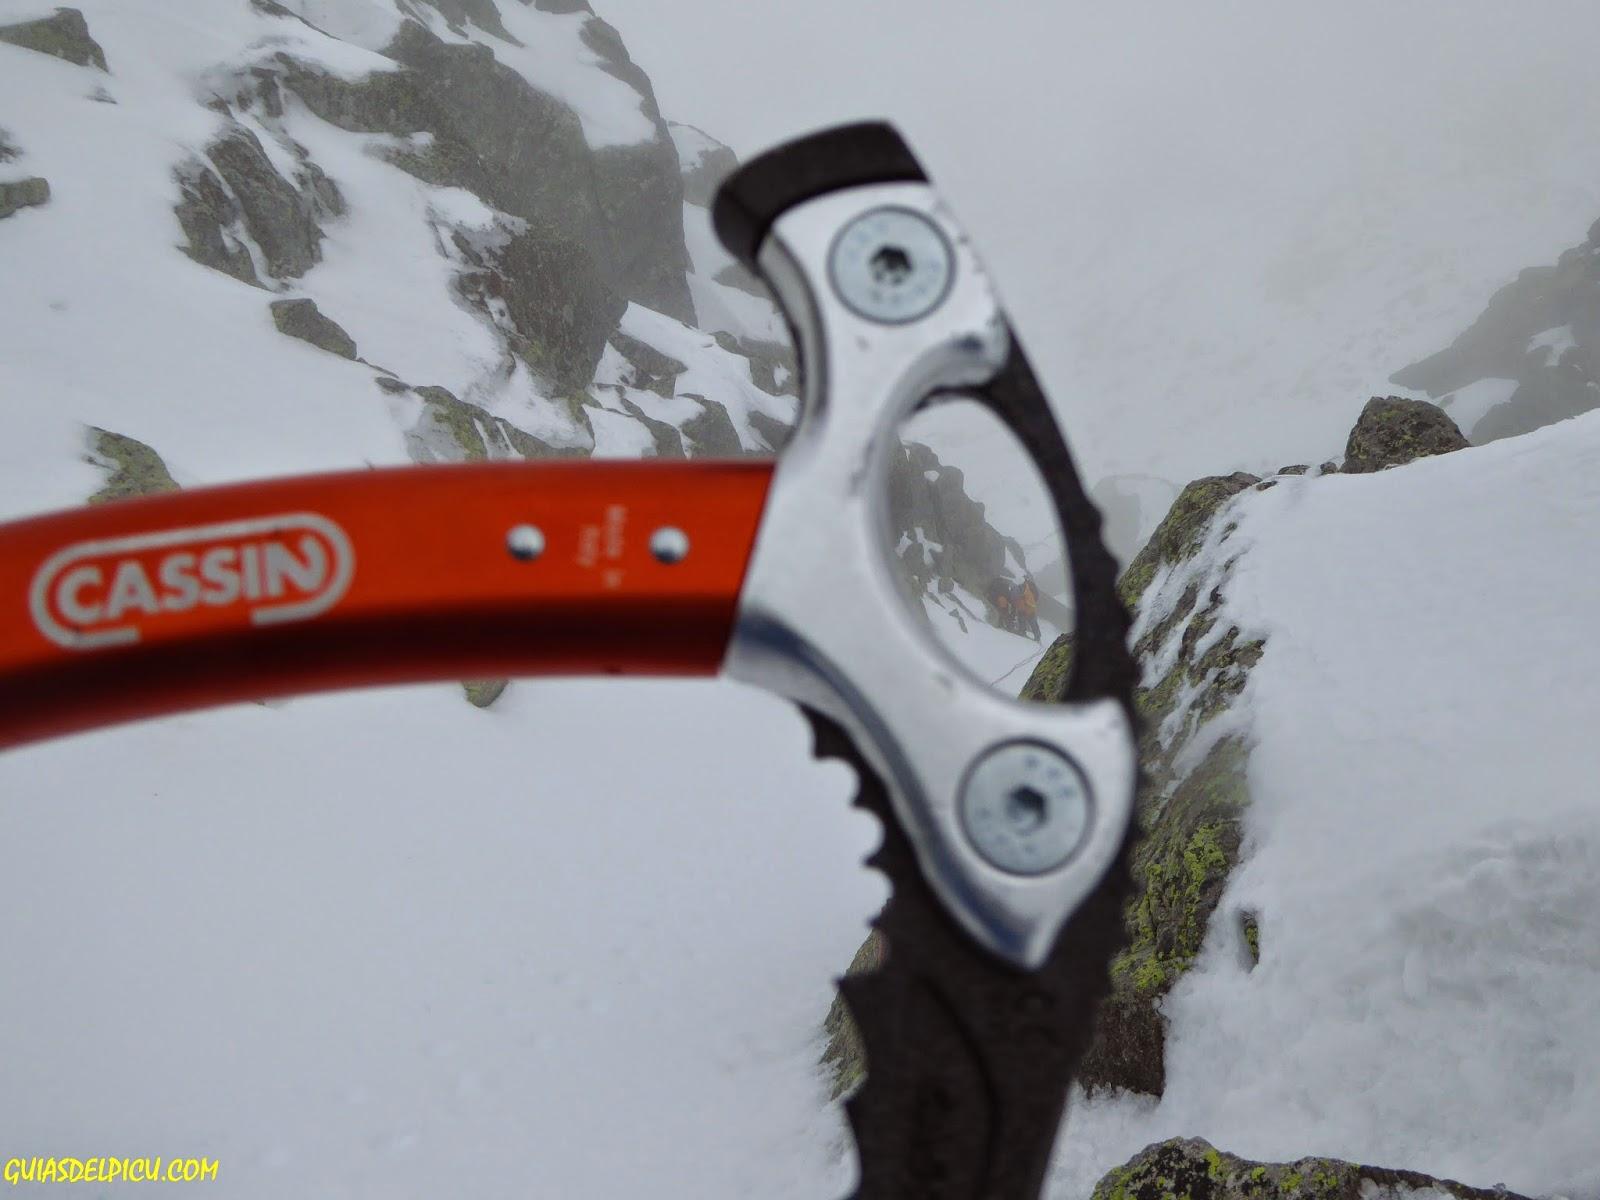 Cassin all mountain , picozze , ice axe, Fernando Calvo , guia de alta montaña